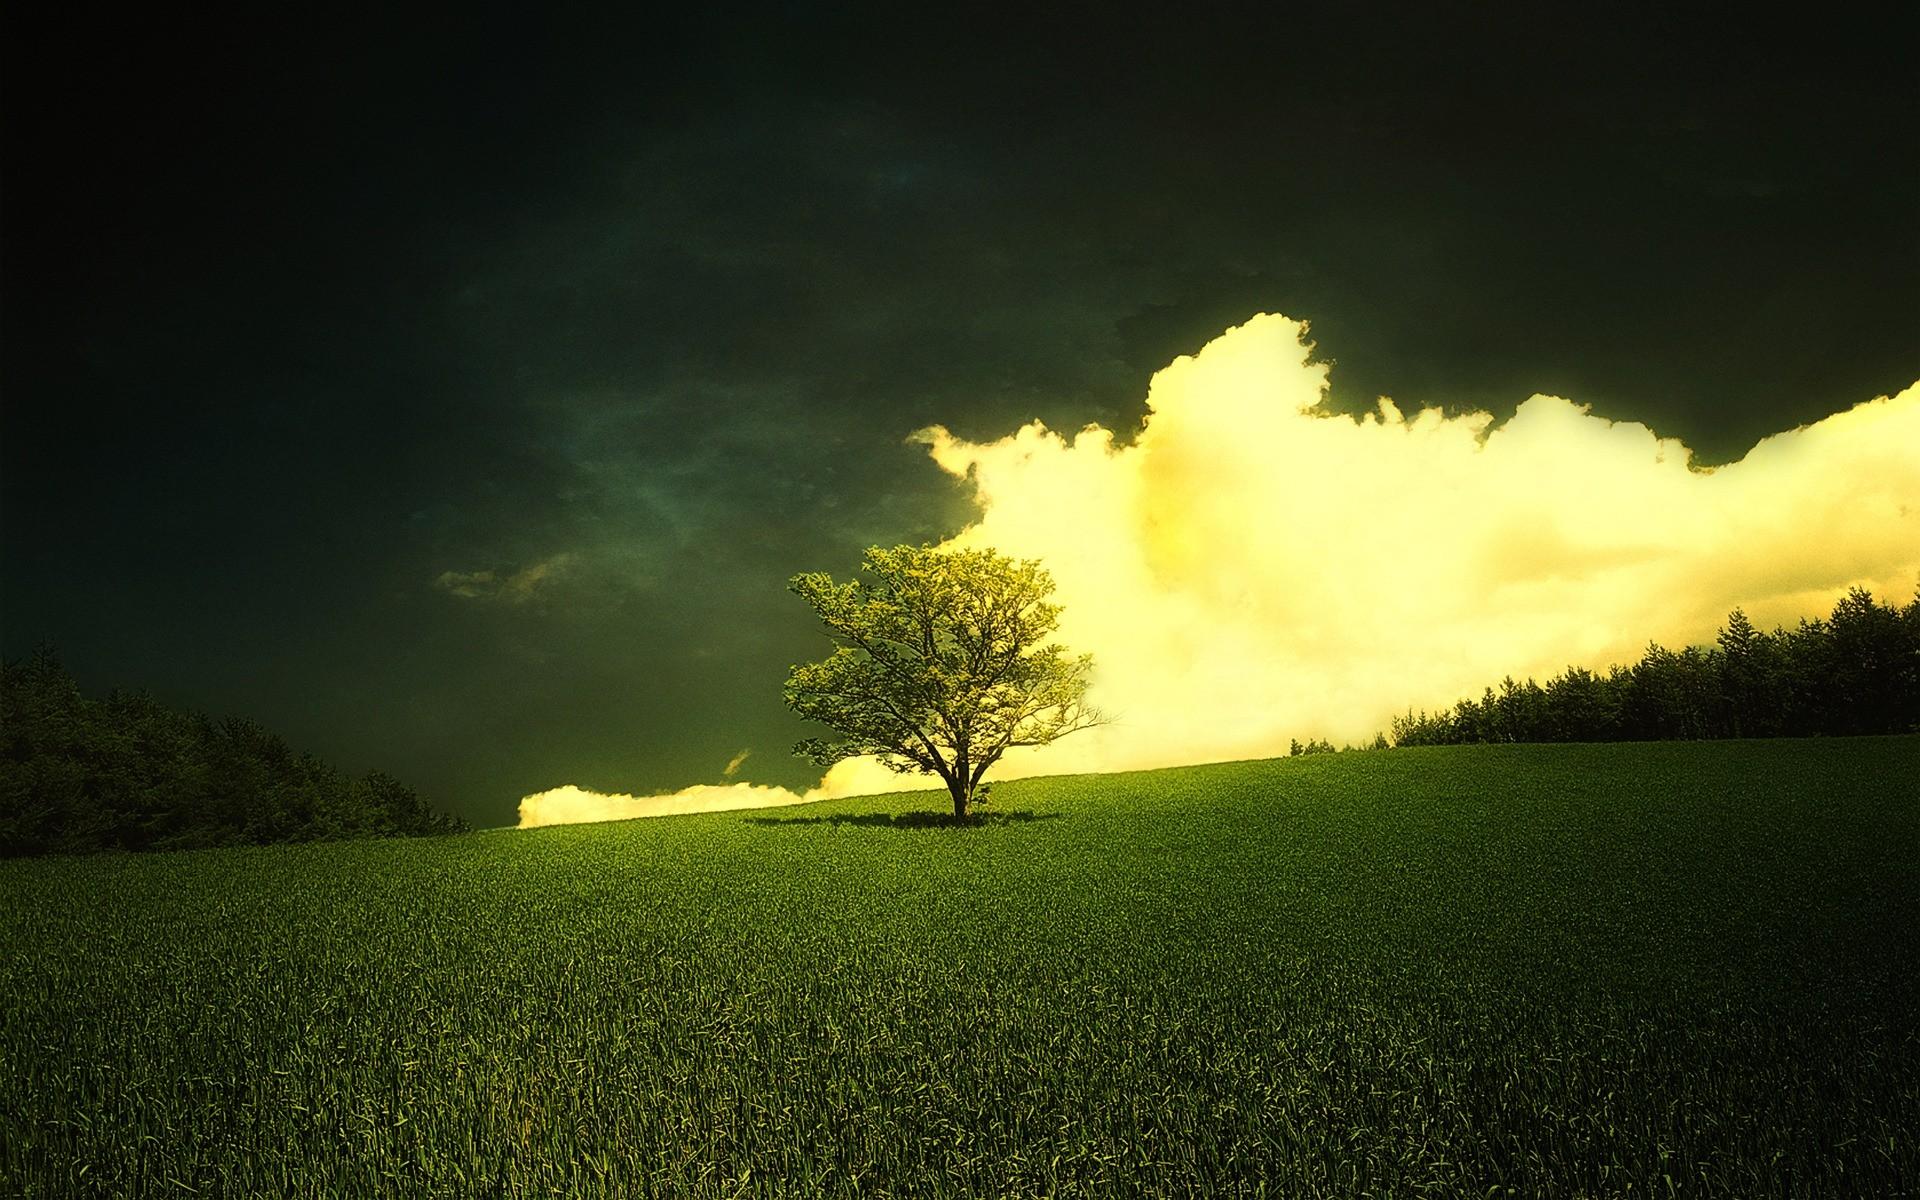 природа трава горизонт солнце деревья  № 2760803 без смс